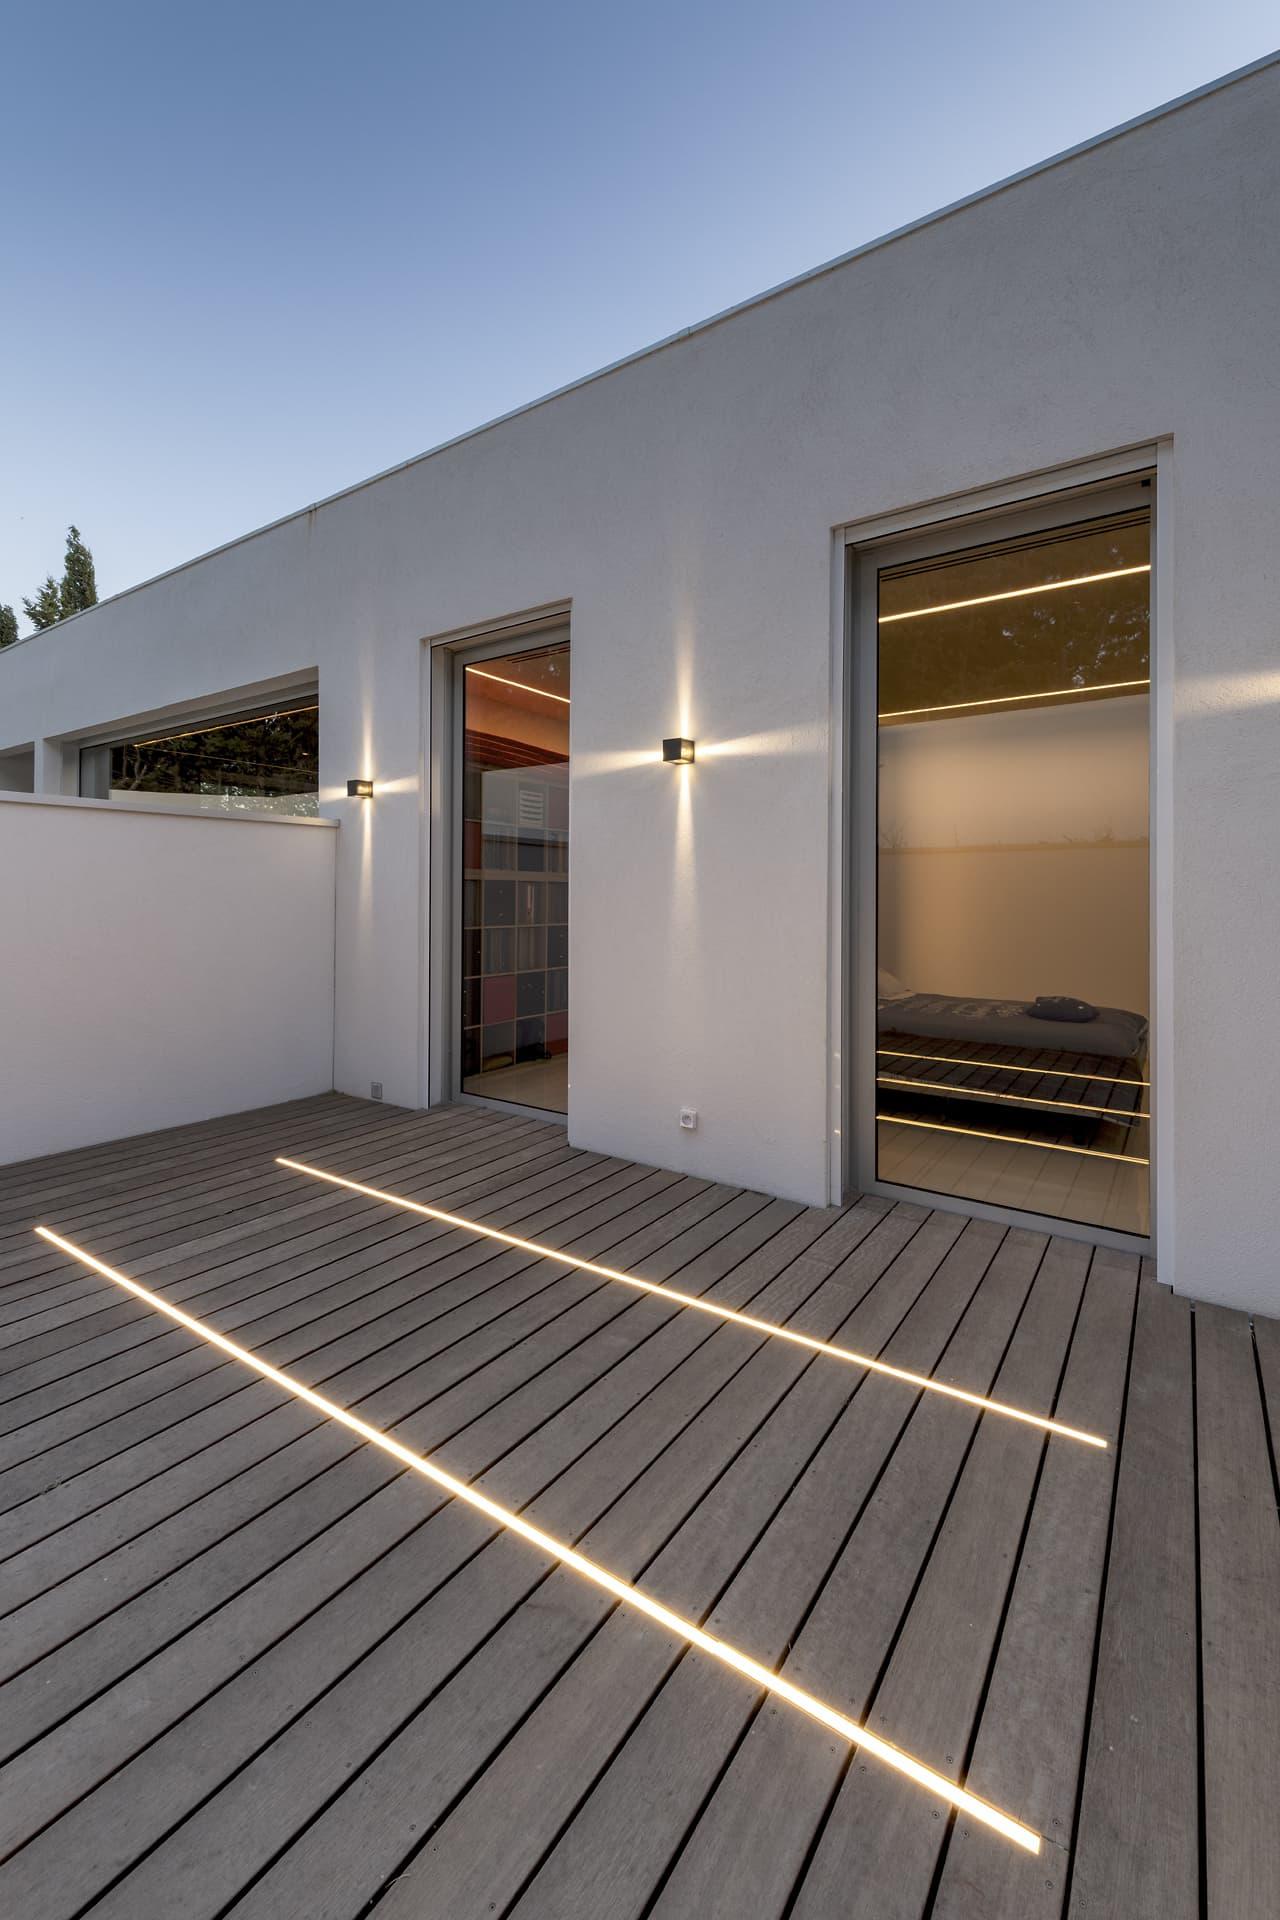 Applique graphique et ligne lumineuse dans la terrassa extérieur de la villa privée Juliette